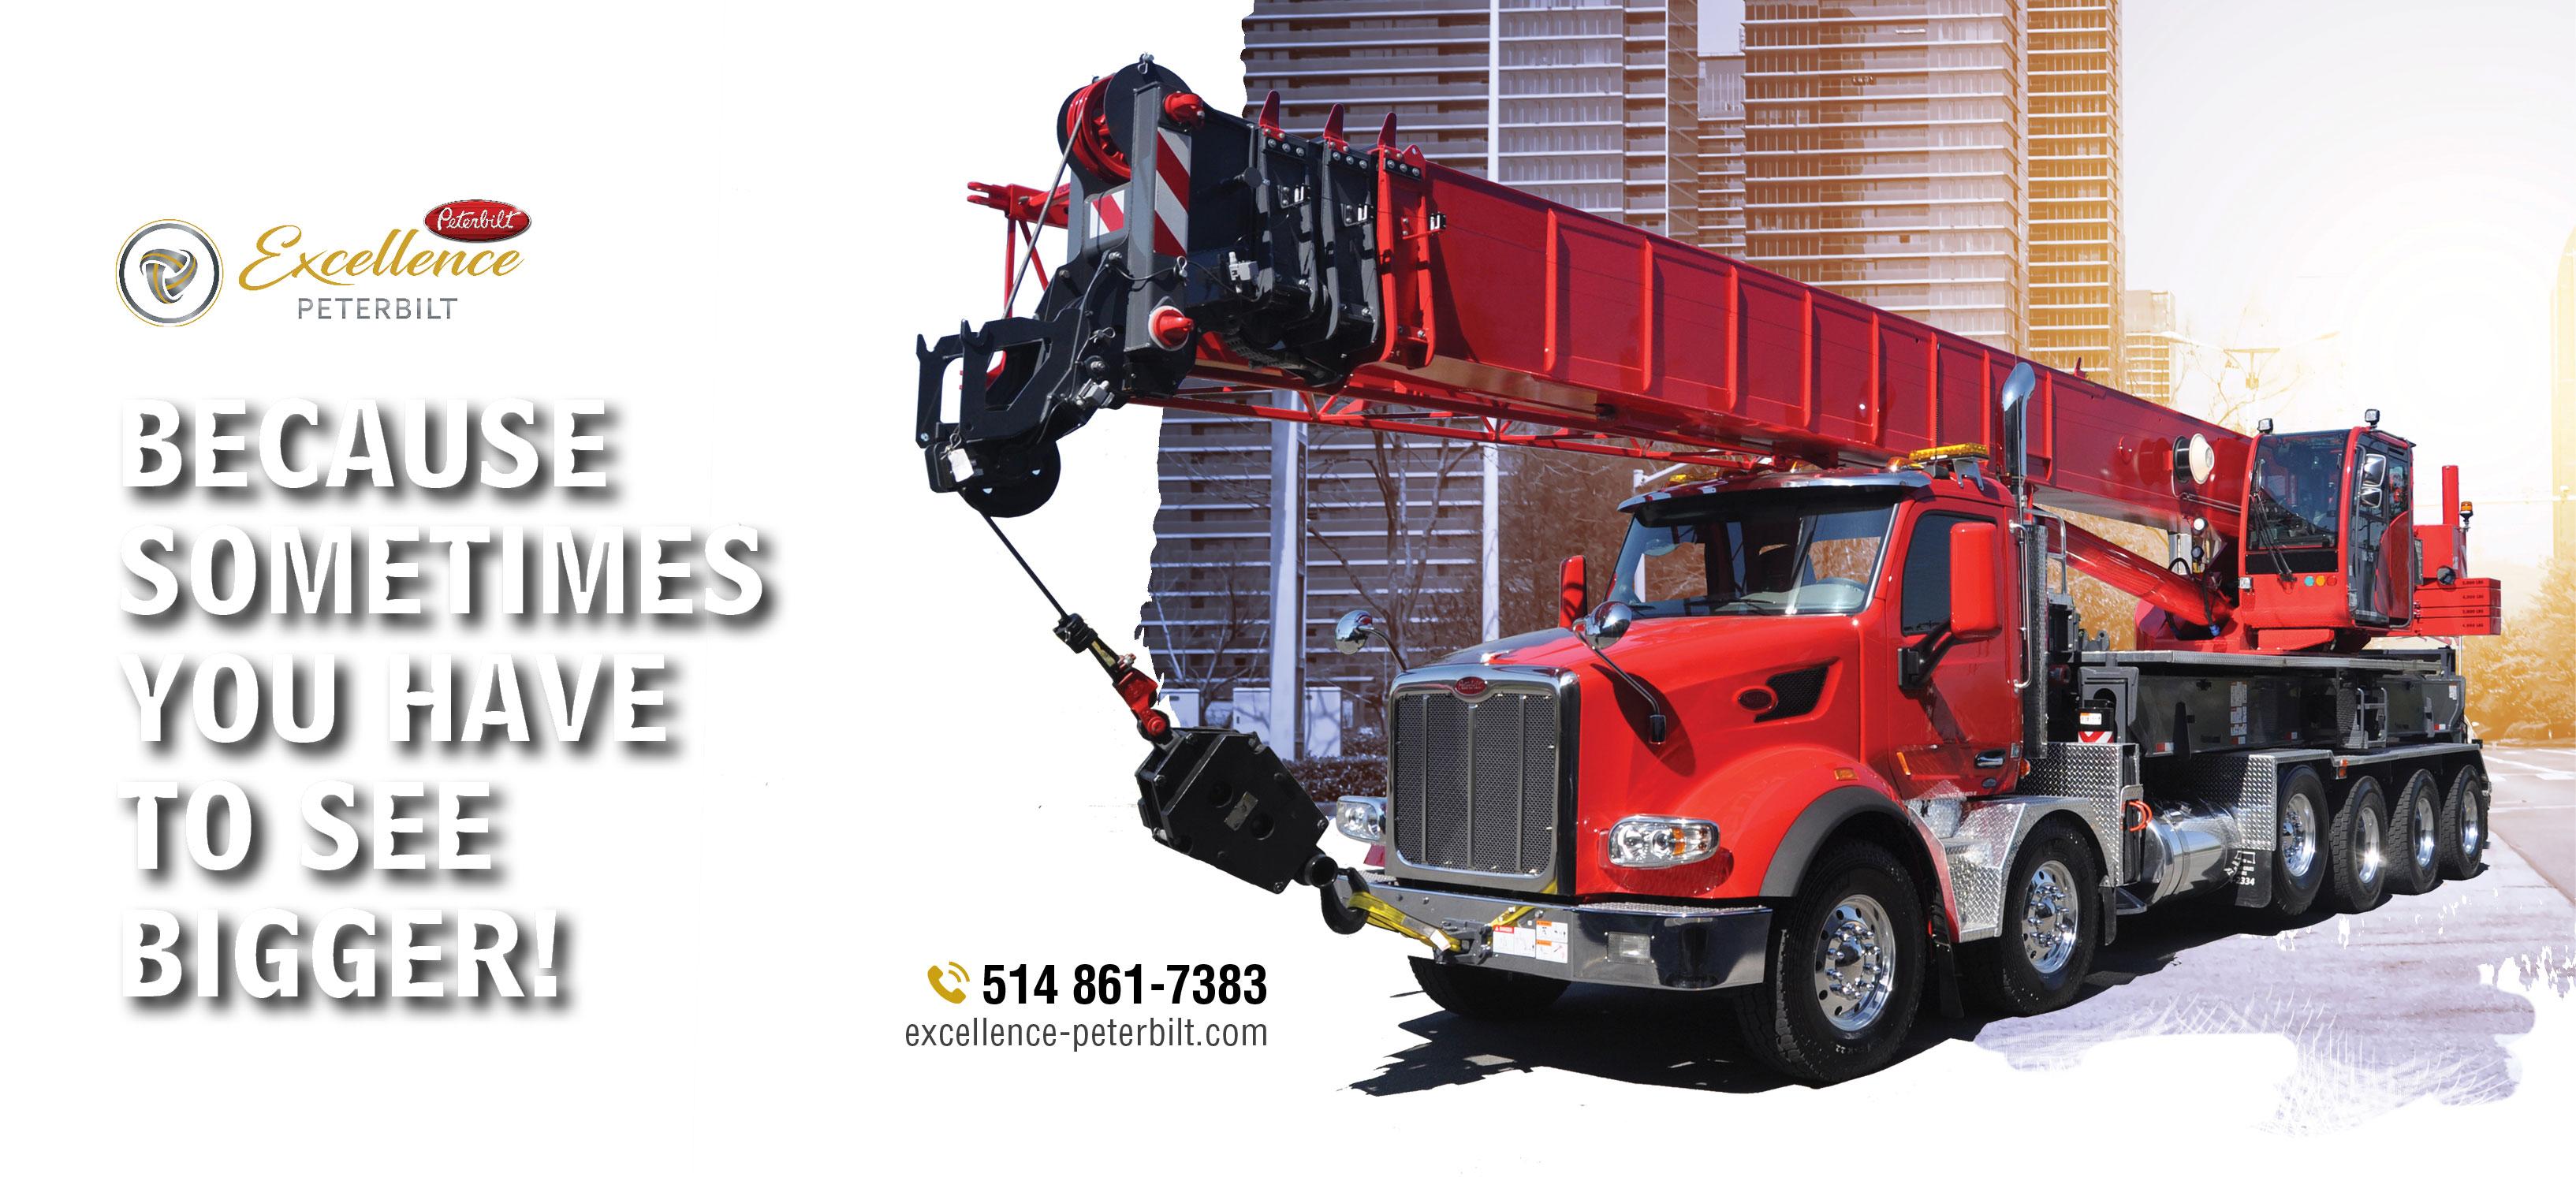 Peterbilt truck built for you